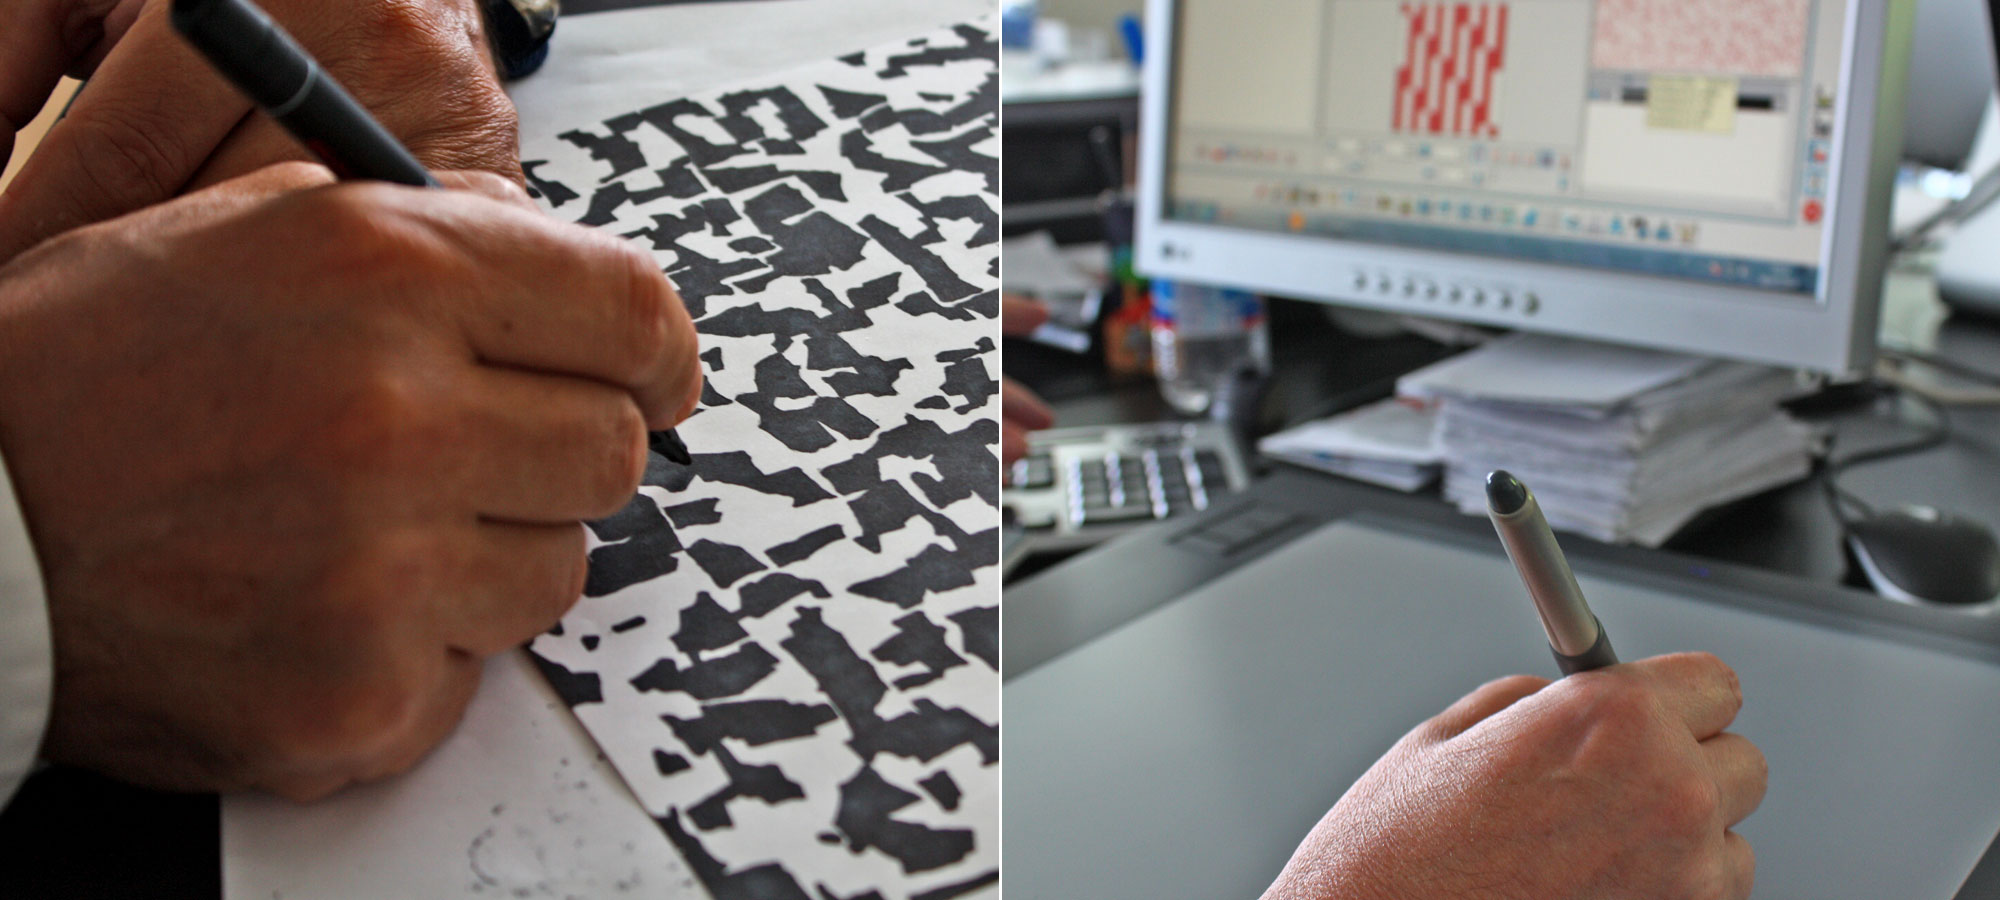 enzo-degli-angiuoni-made-in-italy-ricerca-design-px2000x900-01